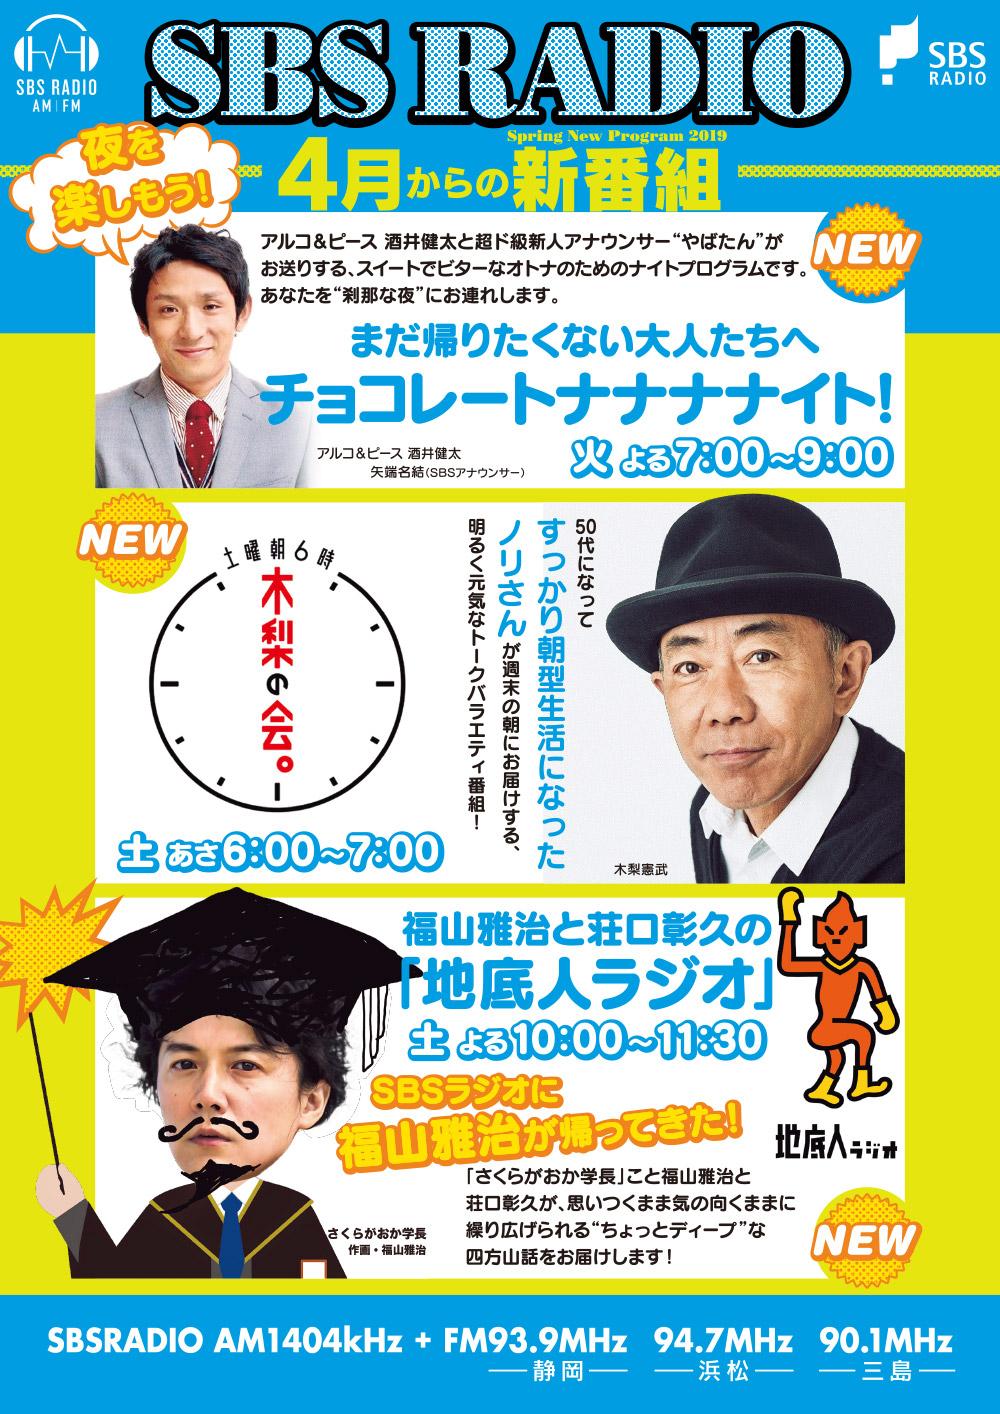 4月からの新番組|SBSラジオ [静岡放送]-アットエス